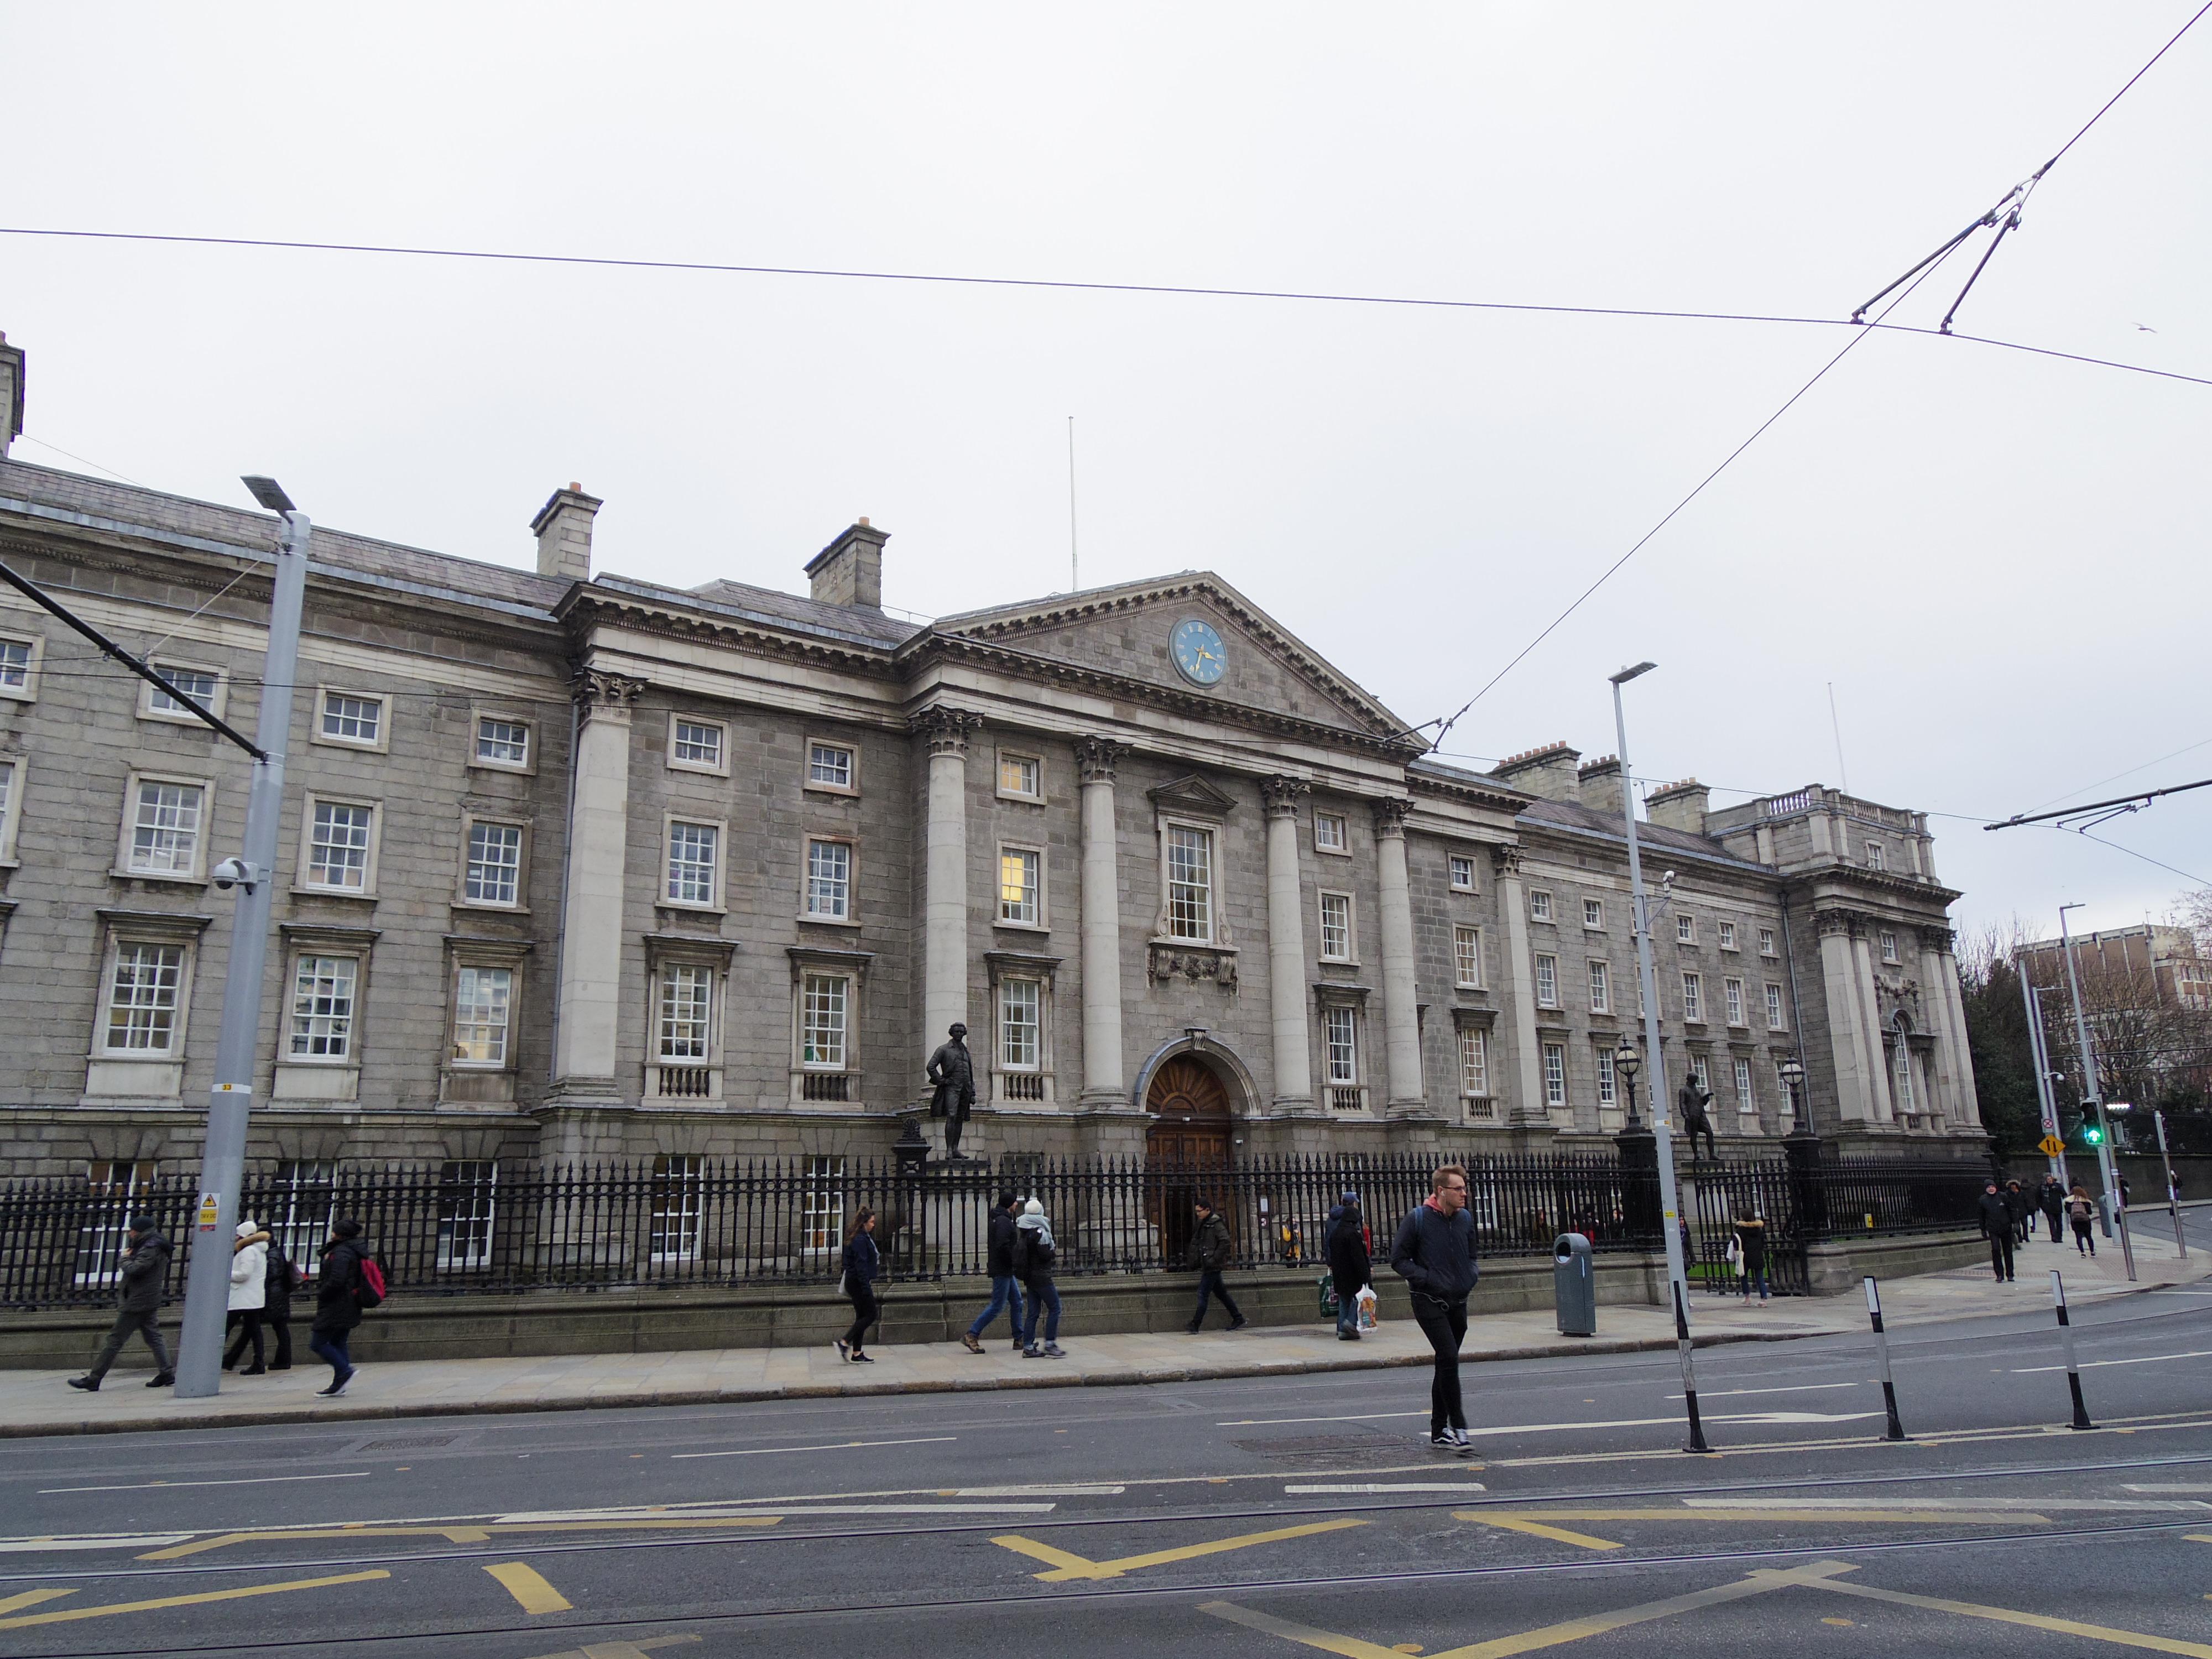 【アイルランド・ダブリン】まるでハリーポッターの世界!トリニティカレッジ図書館に行って来た。